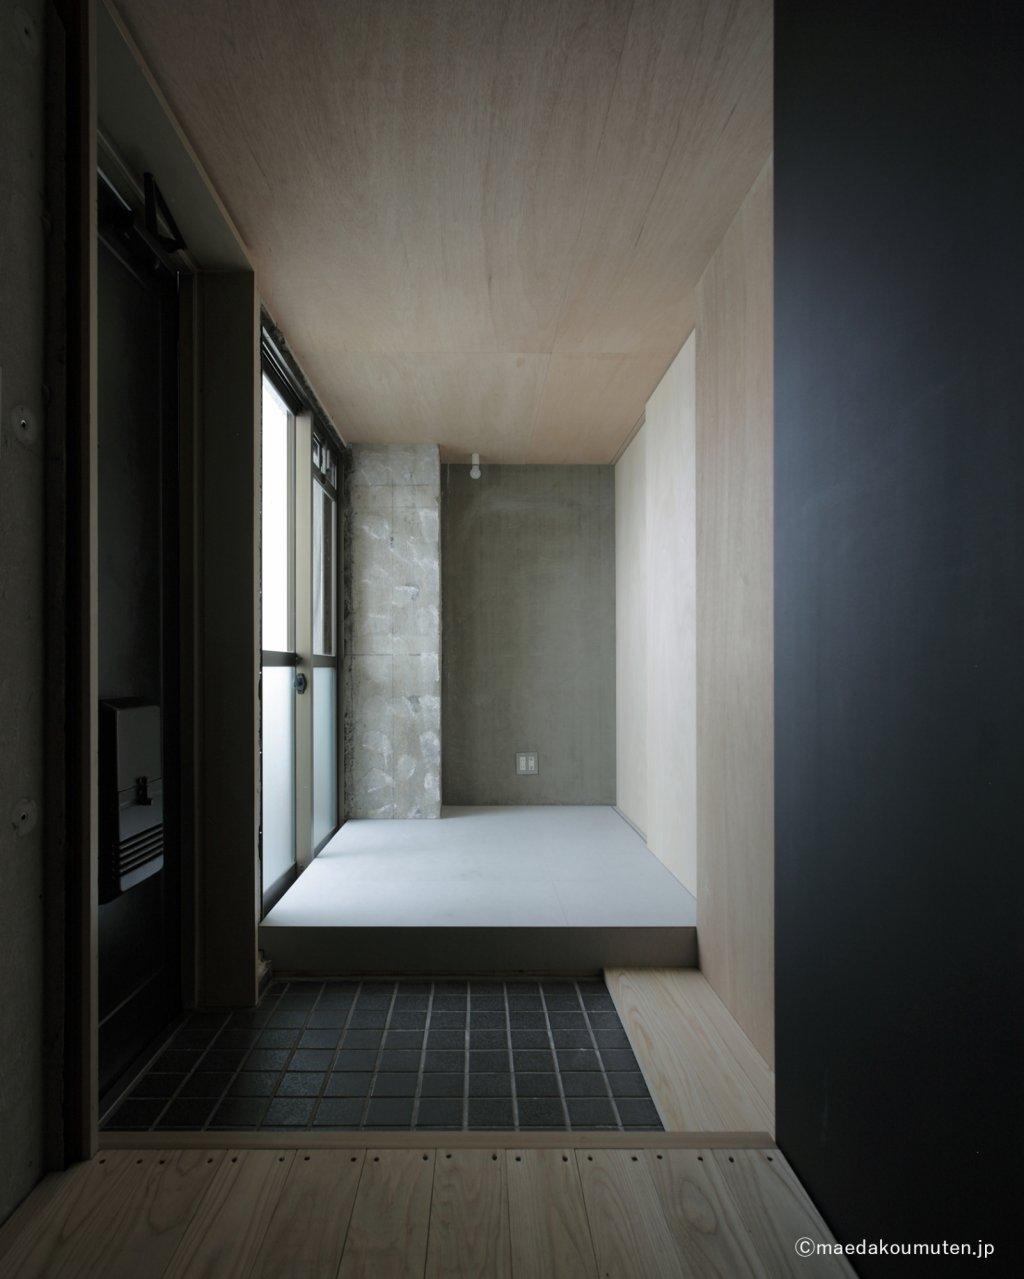 神奈川、注文住宅、前田工務店、一枚の壁、01